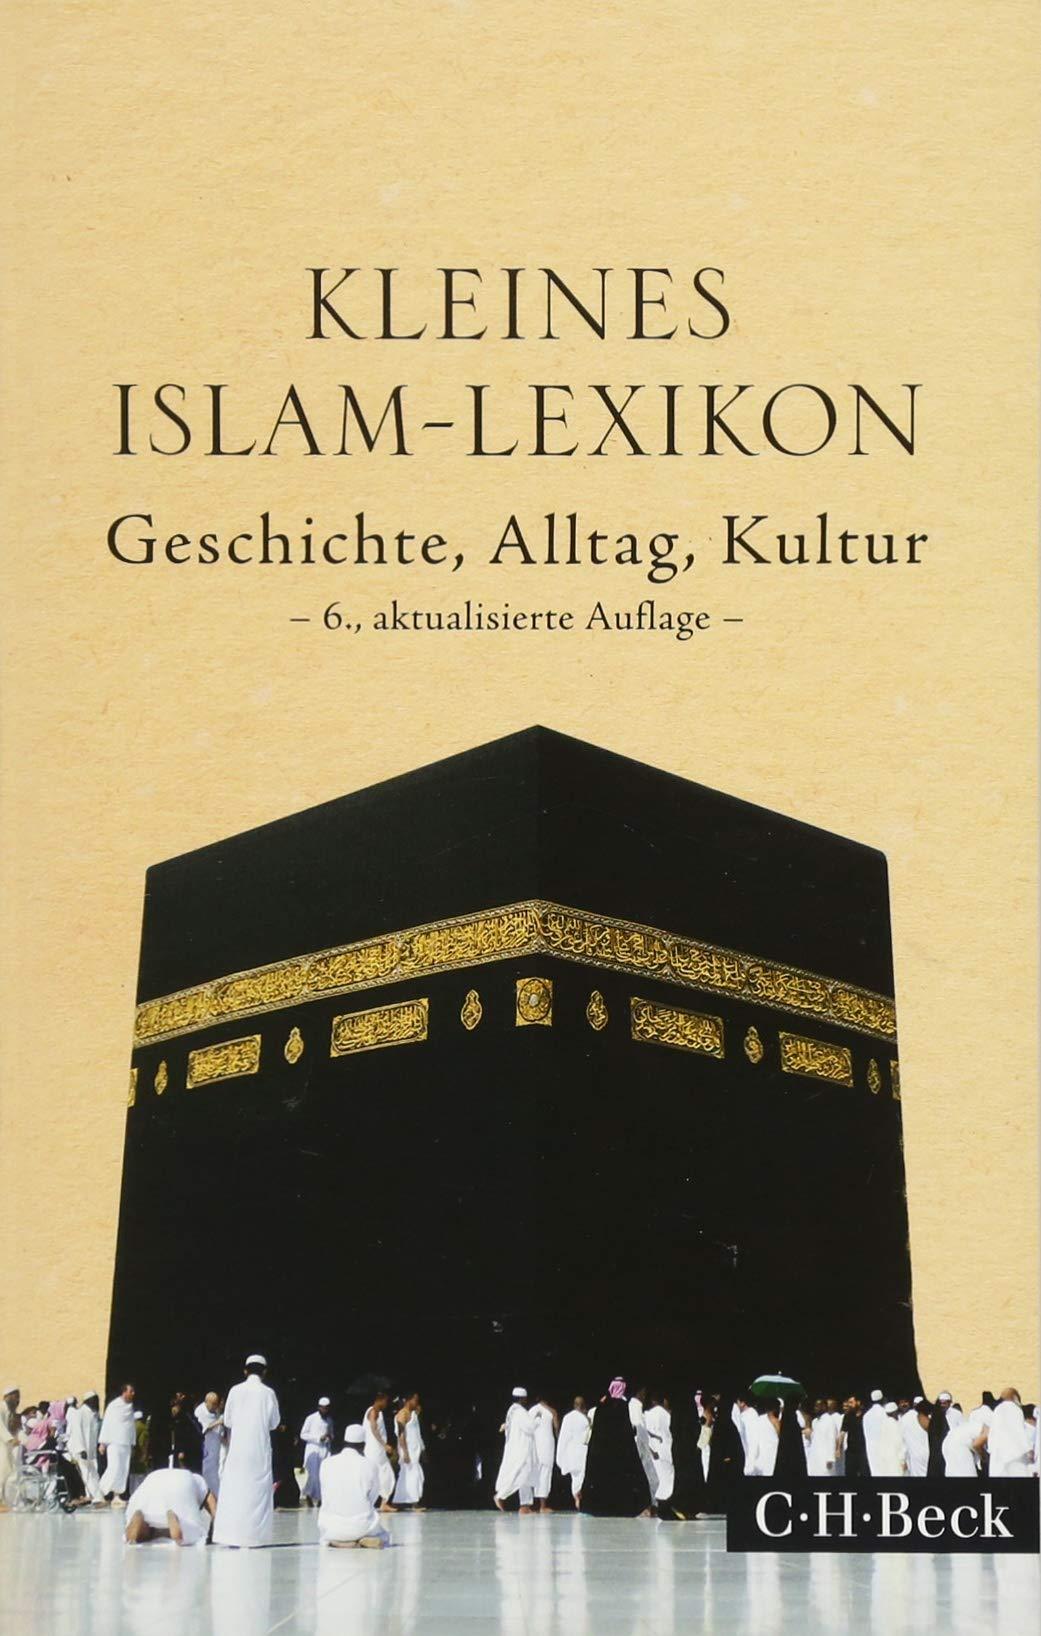 Kleines Islam-Lexikon: Geschichte, Alltag, Kultur Taschenbuch – 15. Februar 2018 Ralf Elger Friederike Stolleis C.H.Beck 3406705952